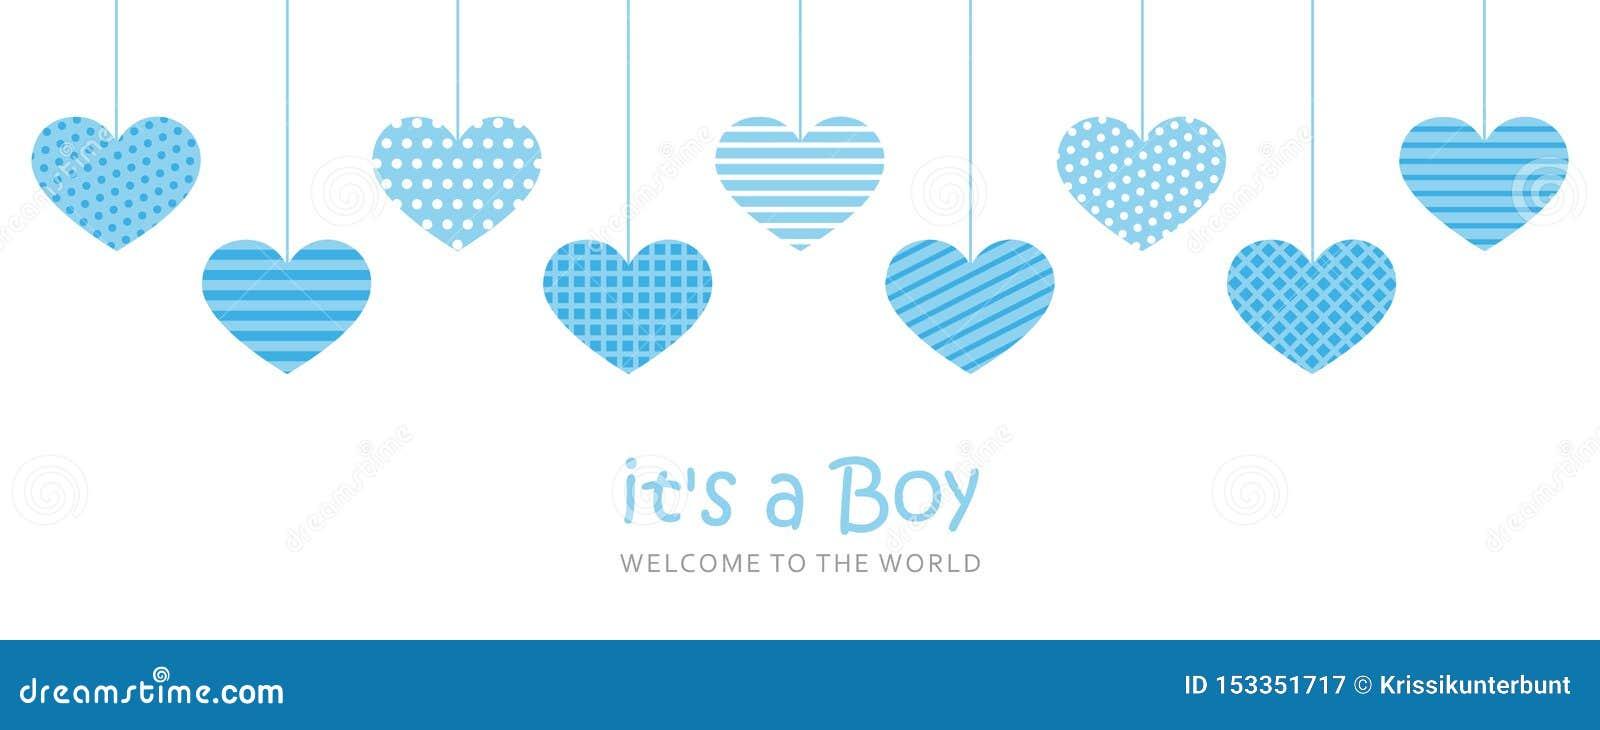 Son une carte de voeux d accueil de garçon pour l accouchement avec les coeurs accrochants